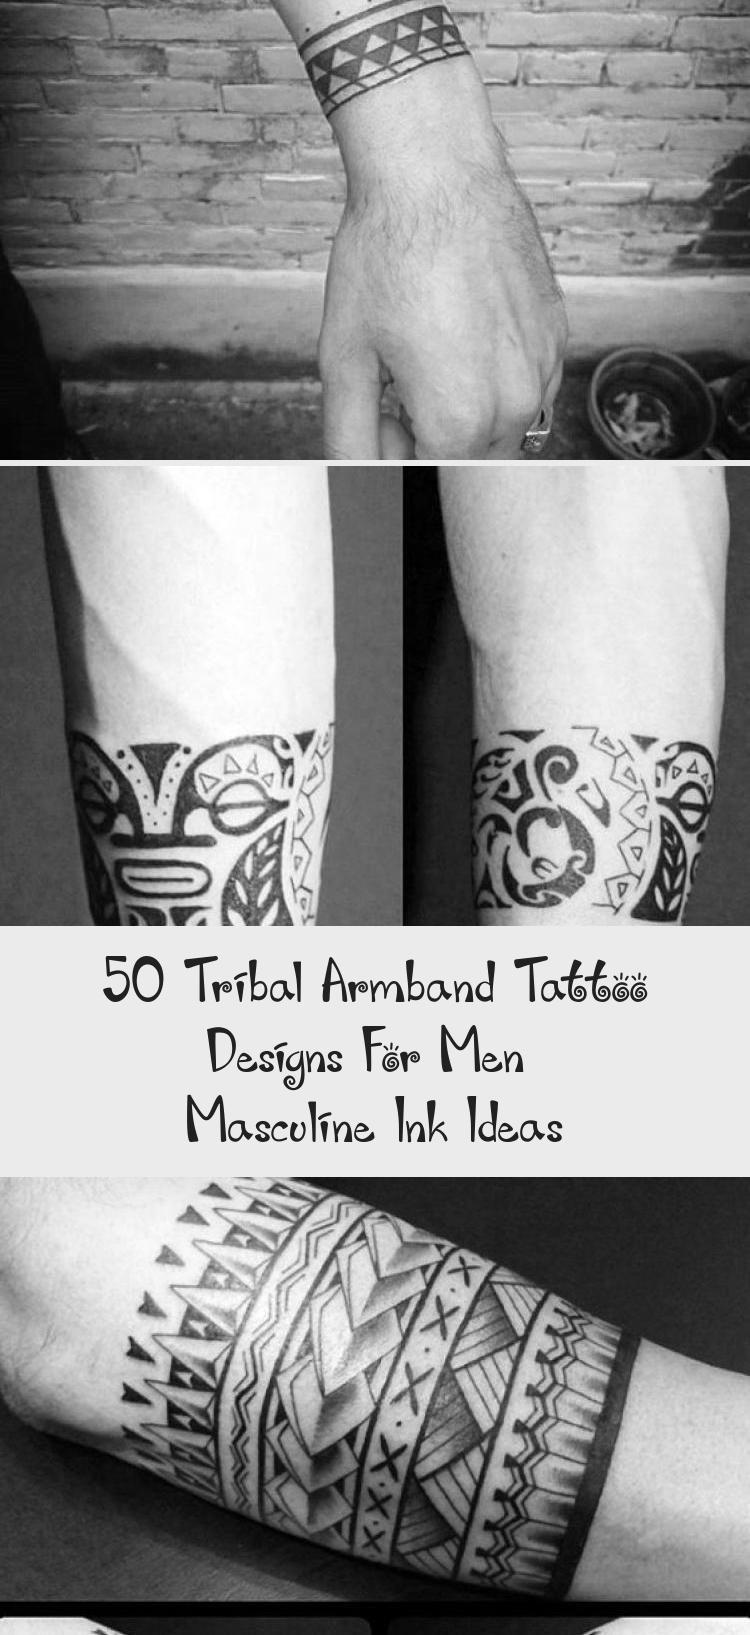 Old School Mens Solid Black Ink Tribal Armband Tattoo Ideas Tribaltattoosgirls Filipinotribaltatto In 2020 Tribal Armband Tribal Armband Tattoo Armband Tattoo Design